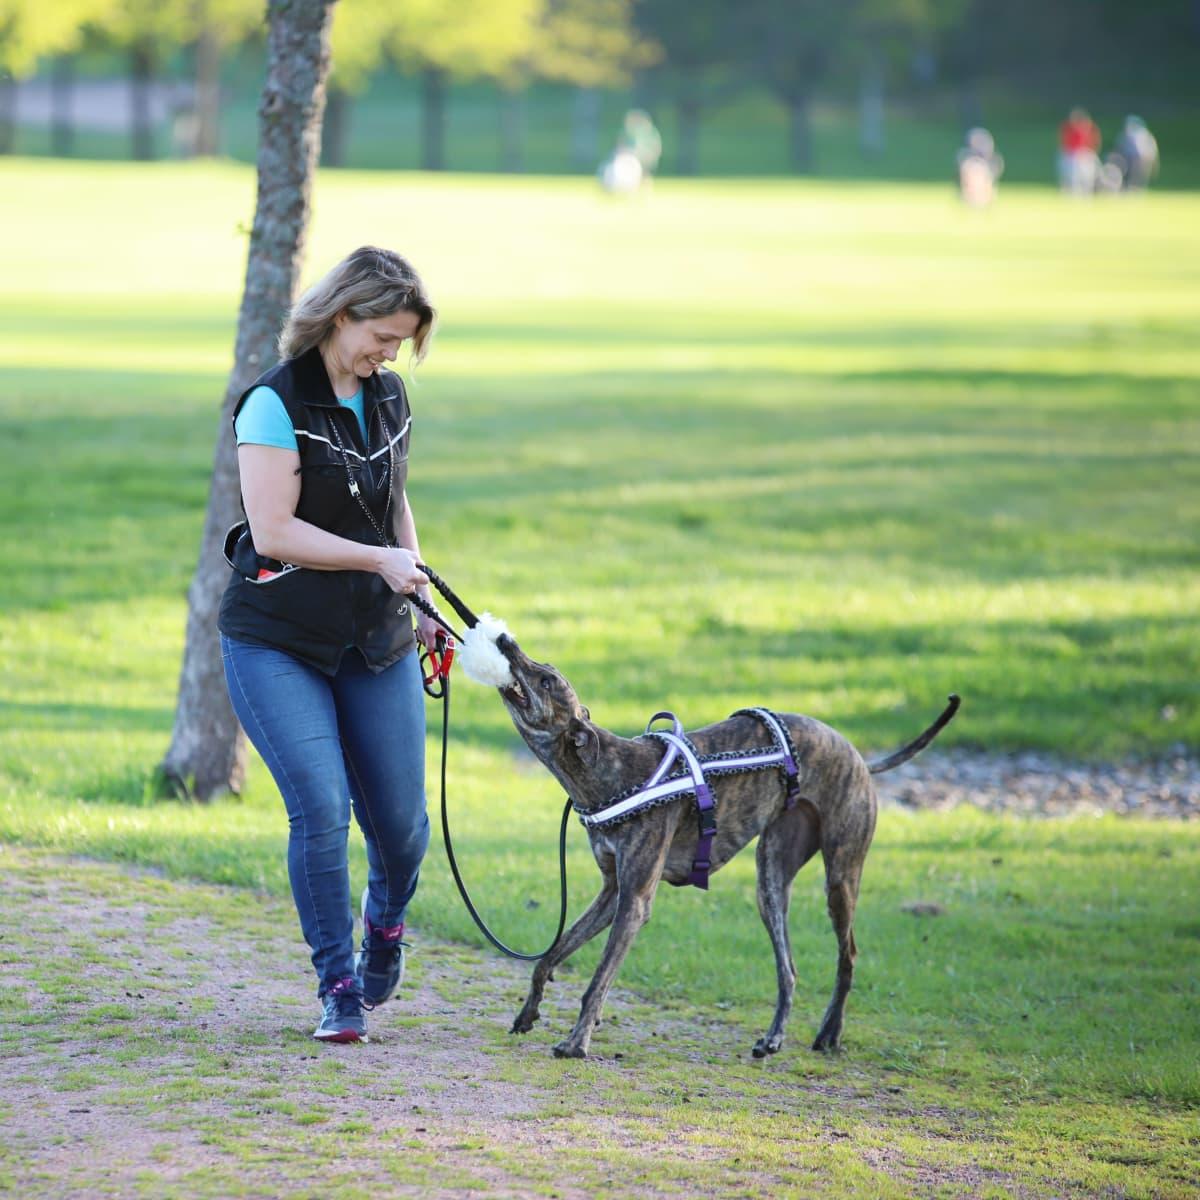 Nainen leikkii koiran kanssa golfkentällä